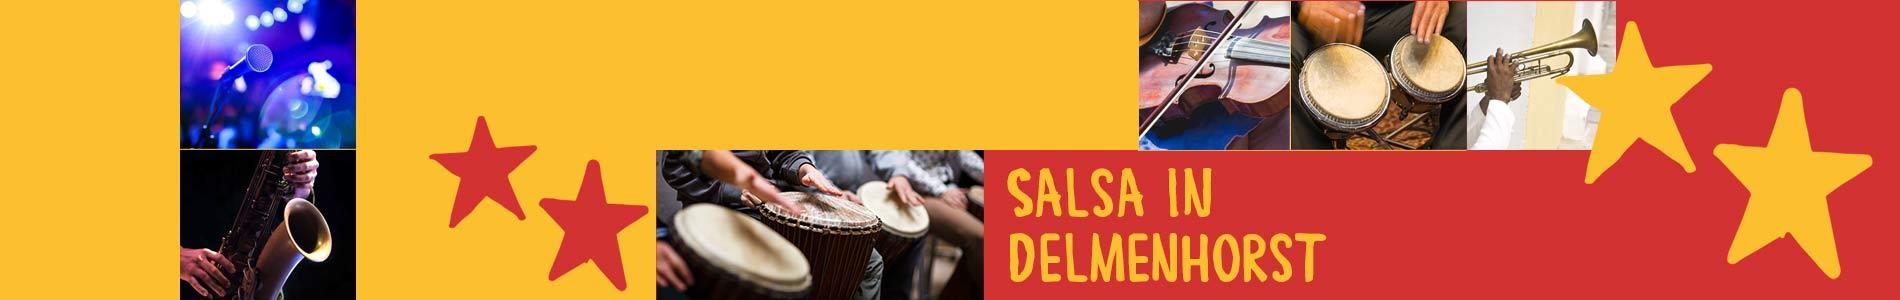 Salsa in Delmenhorst – Salsa lernen und tanzen, Tanzkurse, Partys, Veranstaltungen